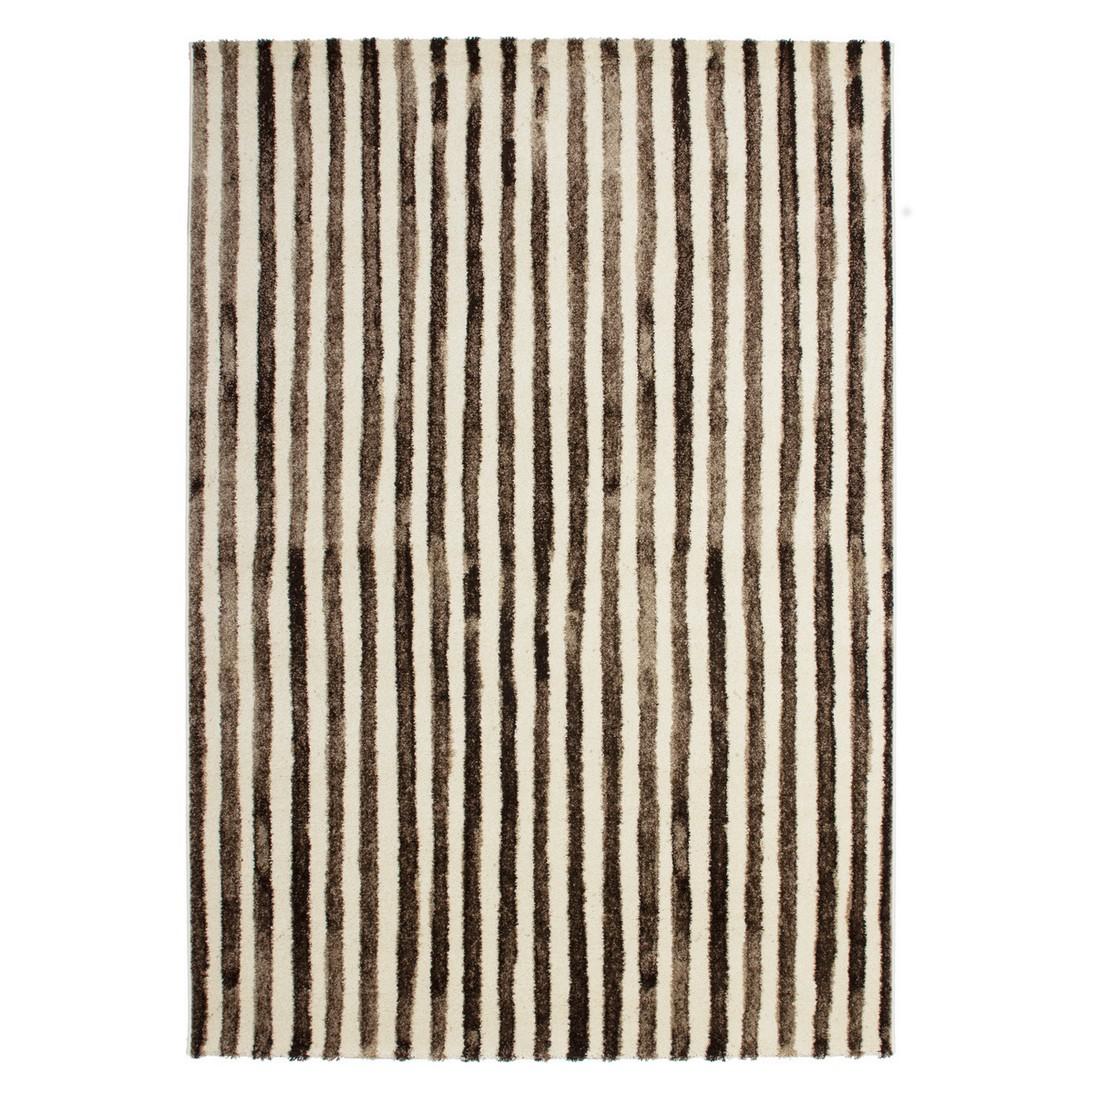 Teppich Vanity I – Braun – 160 x 230 cm, Obsession online bestellen